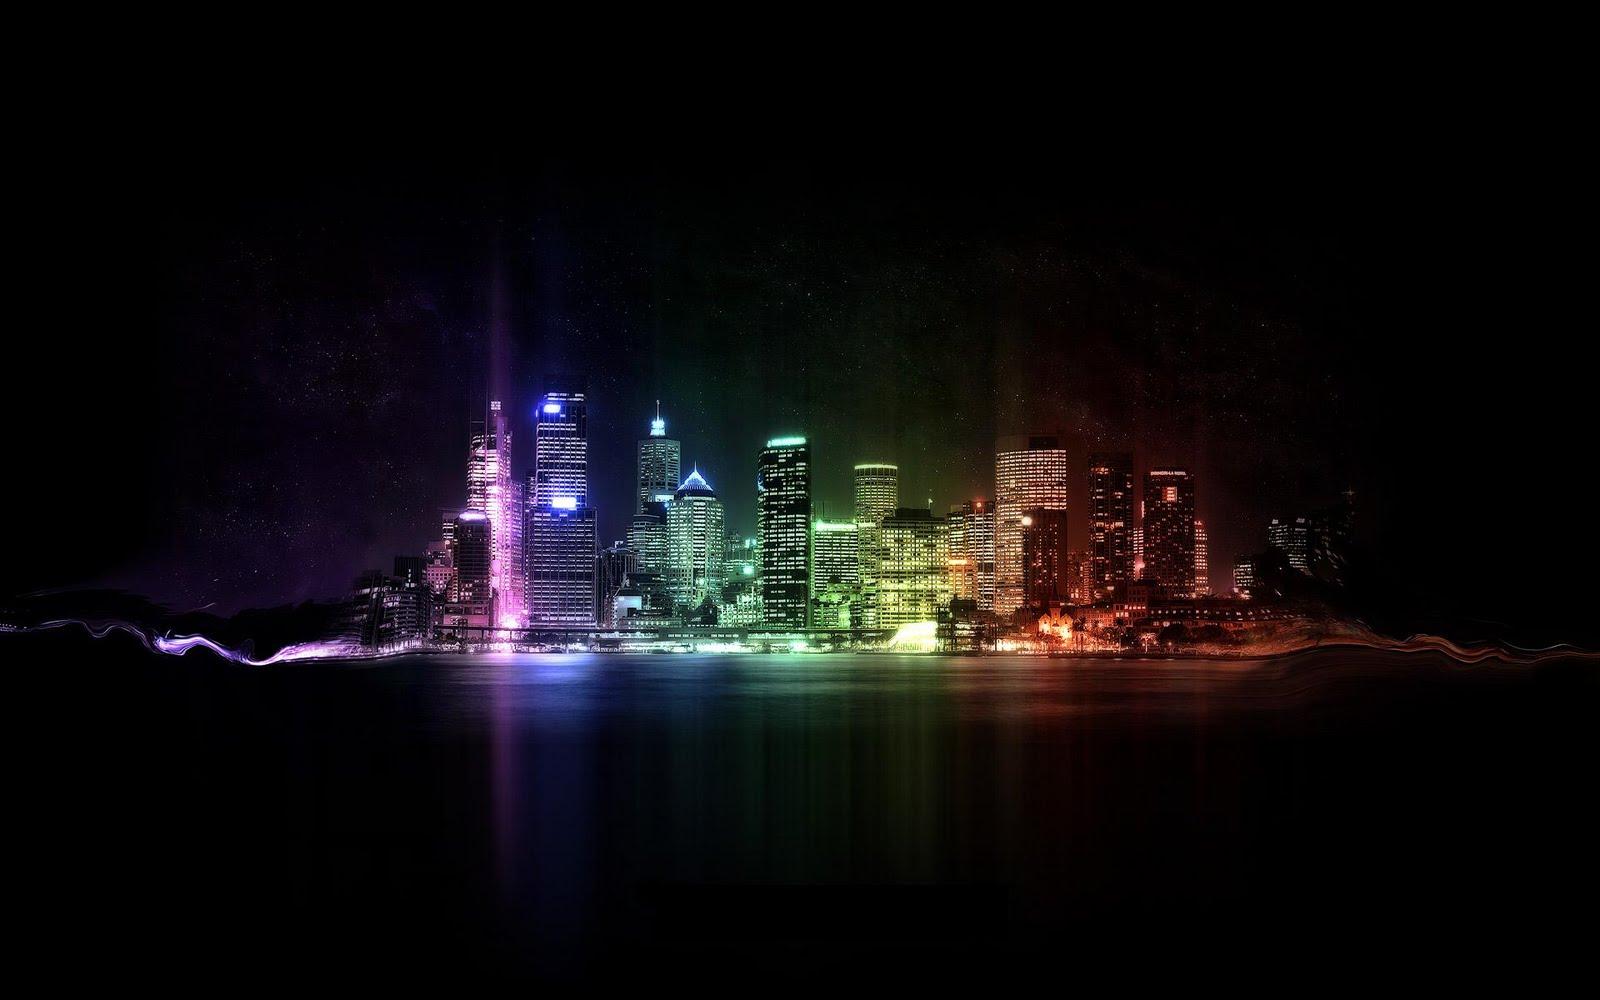 Fondo de una Ciudad de Noche ~ Fondos de Pantalla